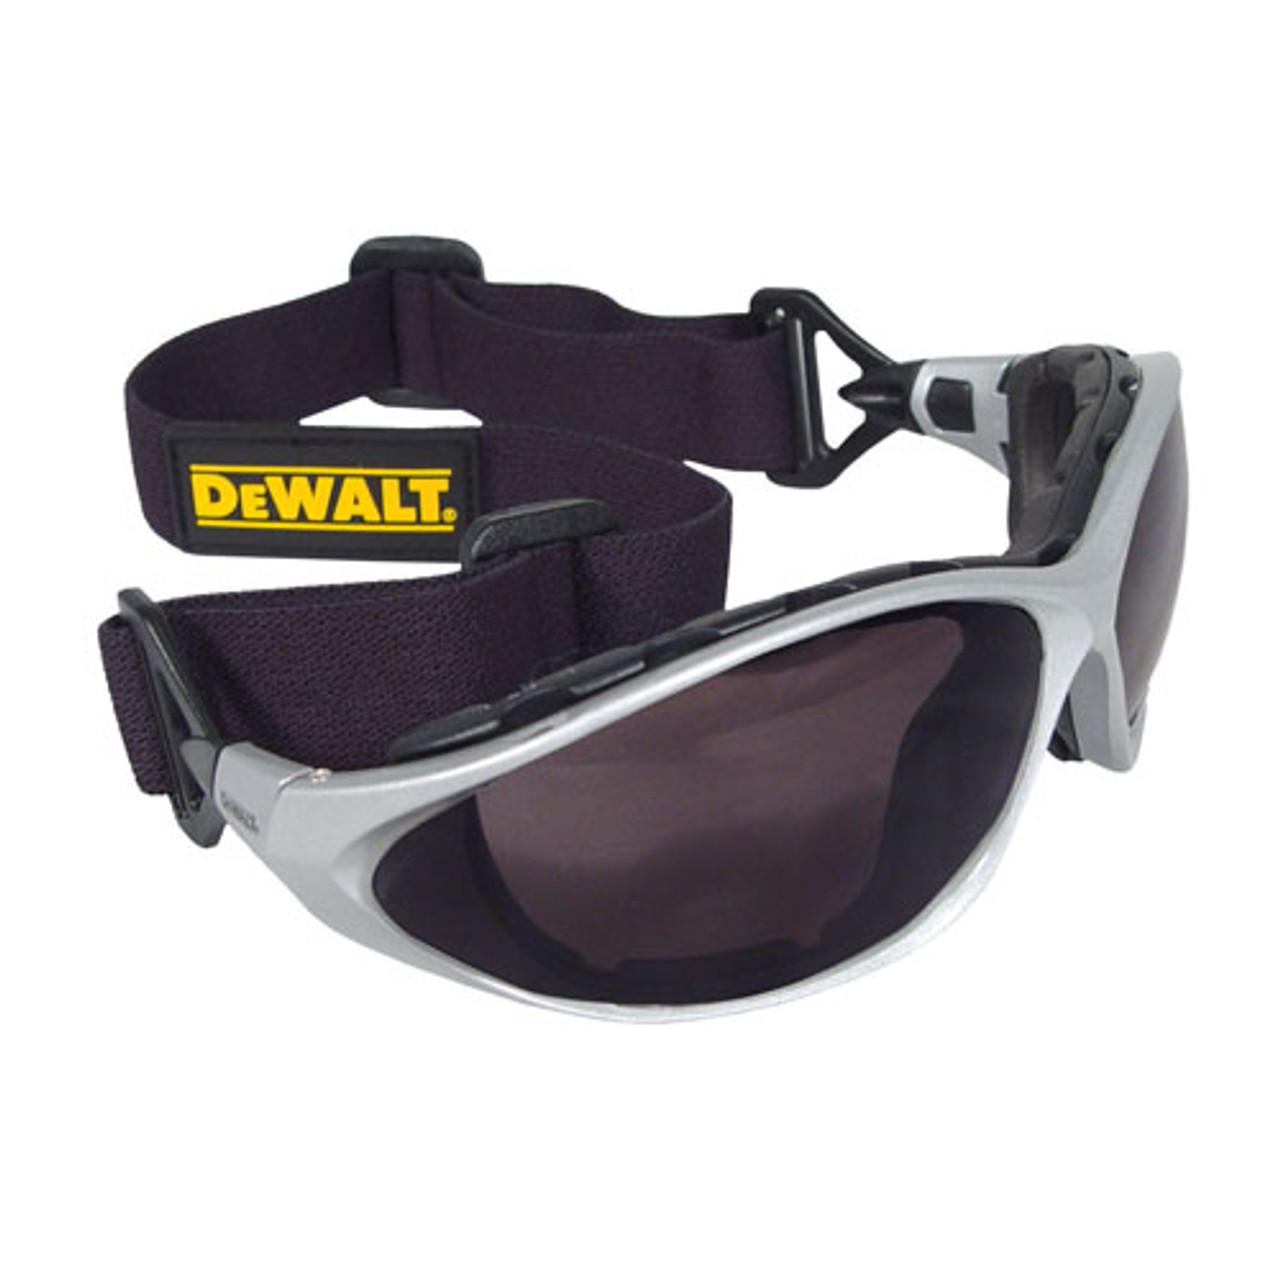 Dewalt DPG104 Excavator Safety Lens Protective Safety Glasses Clear Lens